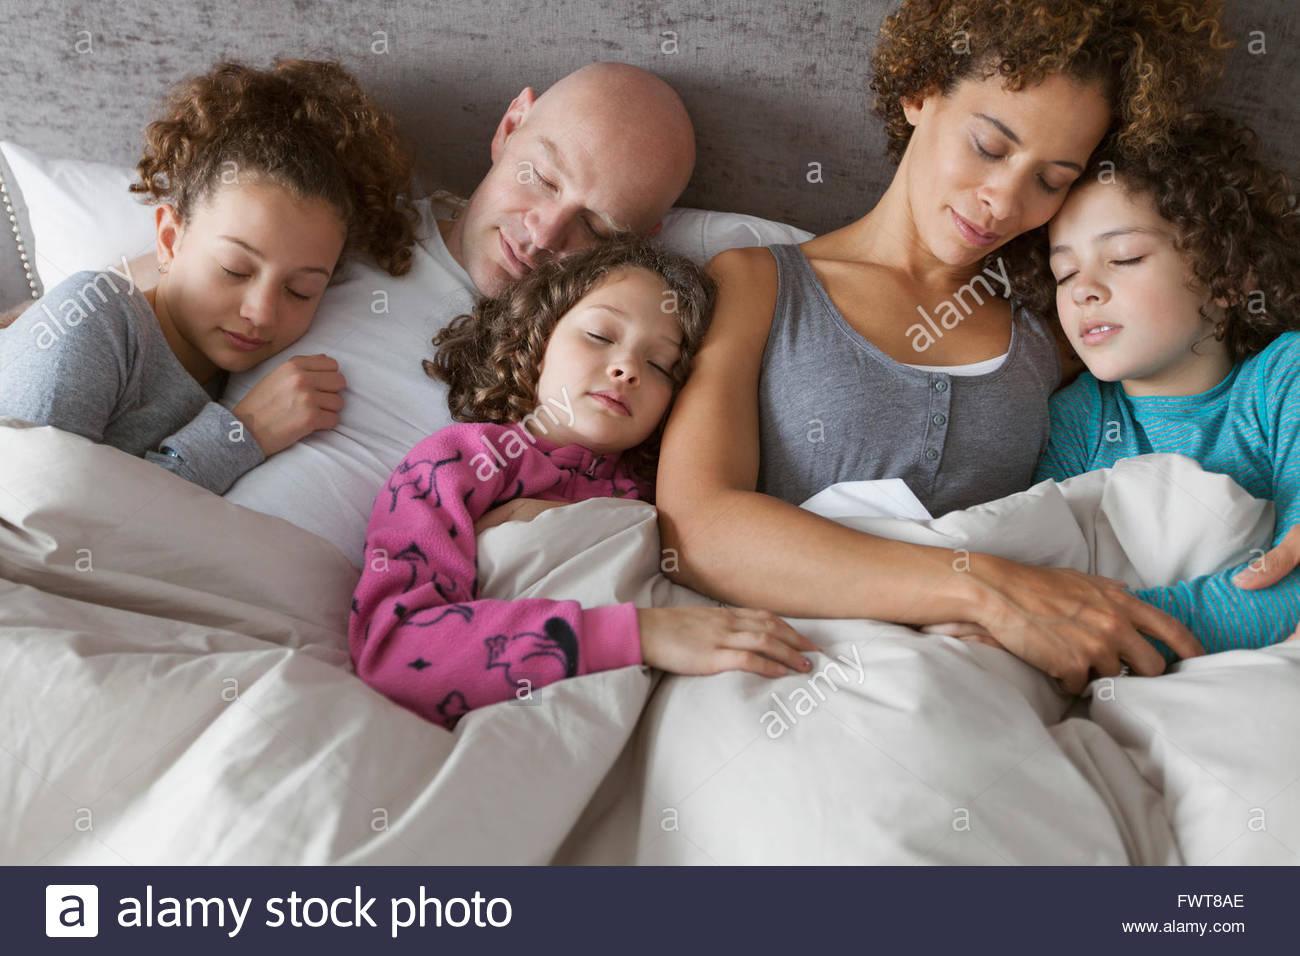 Famiglia di cinque persone dormono insieme pacificamente. Immagini Stock